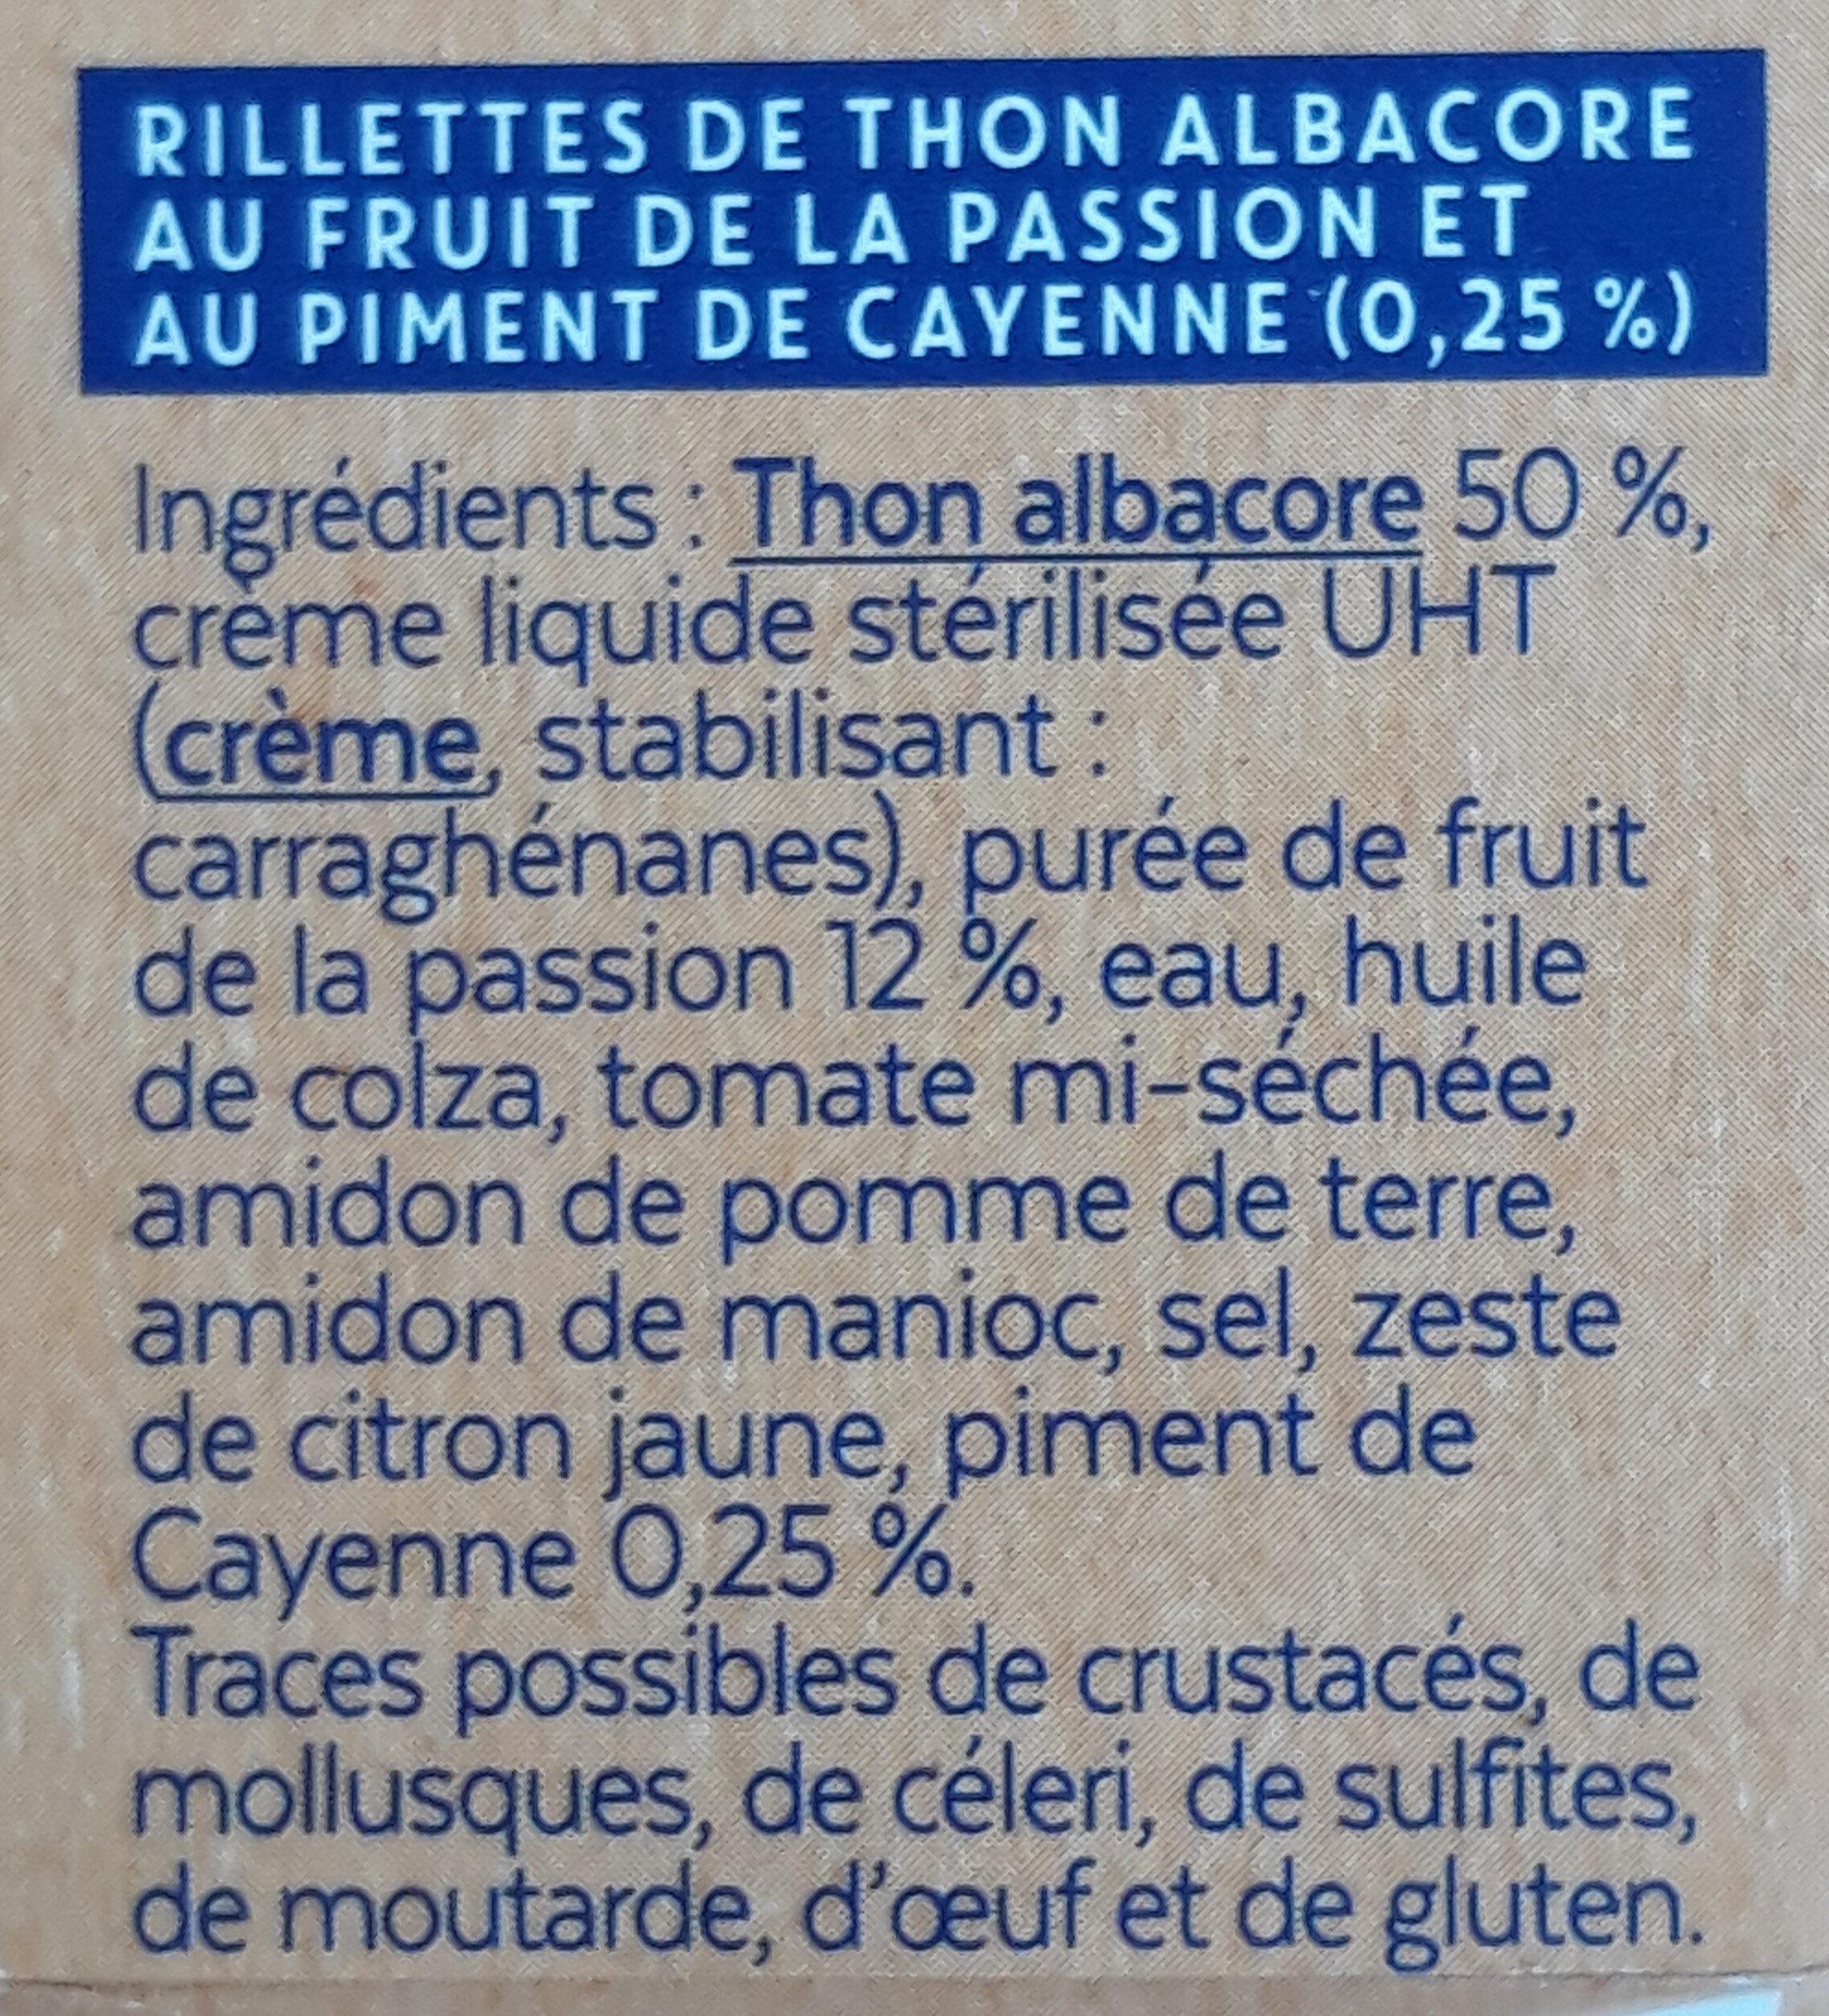 Rillettes de thon - Ingredients